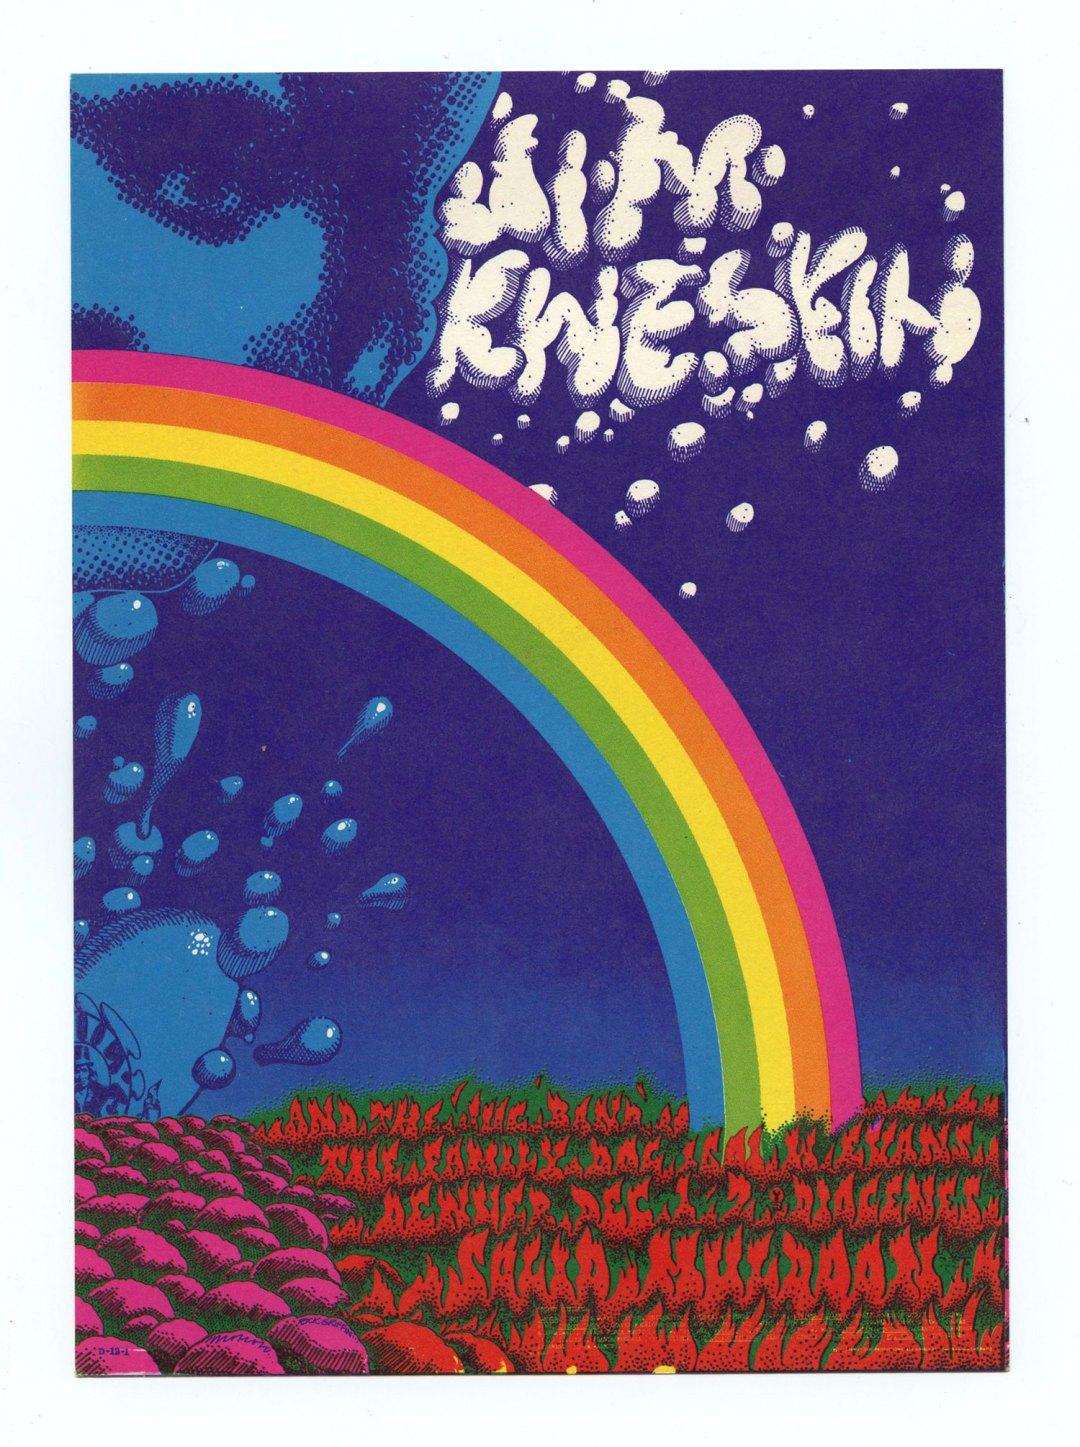 Family Dog Denver 13 Postcard Denver Splash 1967 Dec 1 Jim Kweskin Jug Band